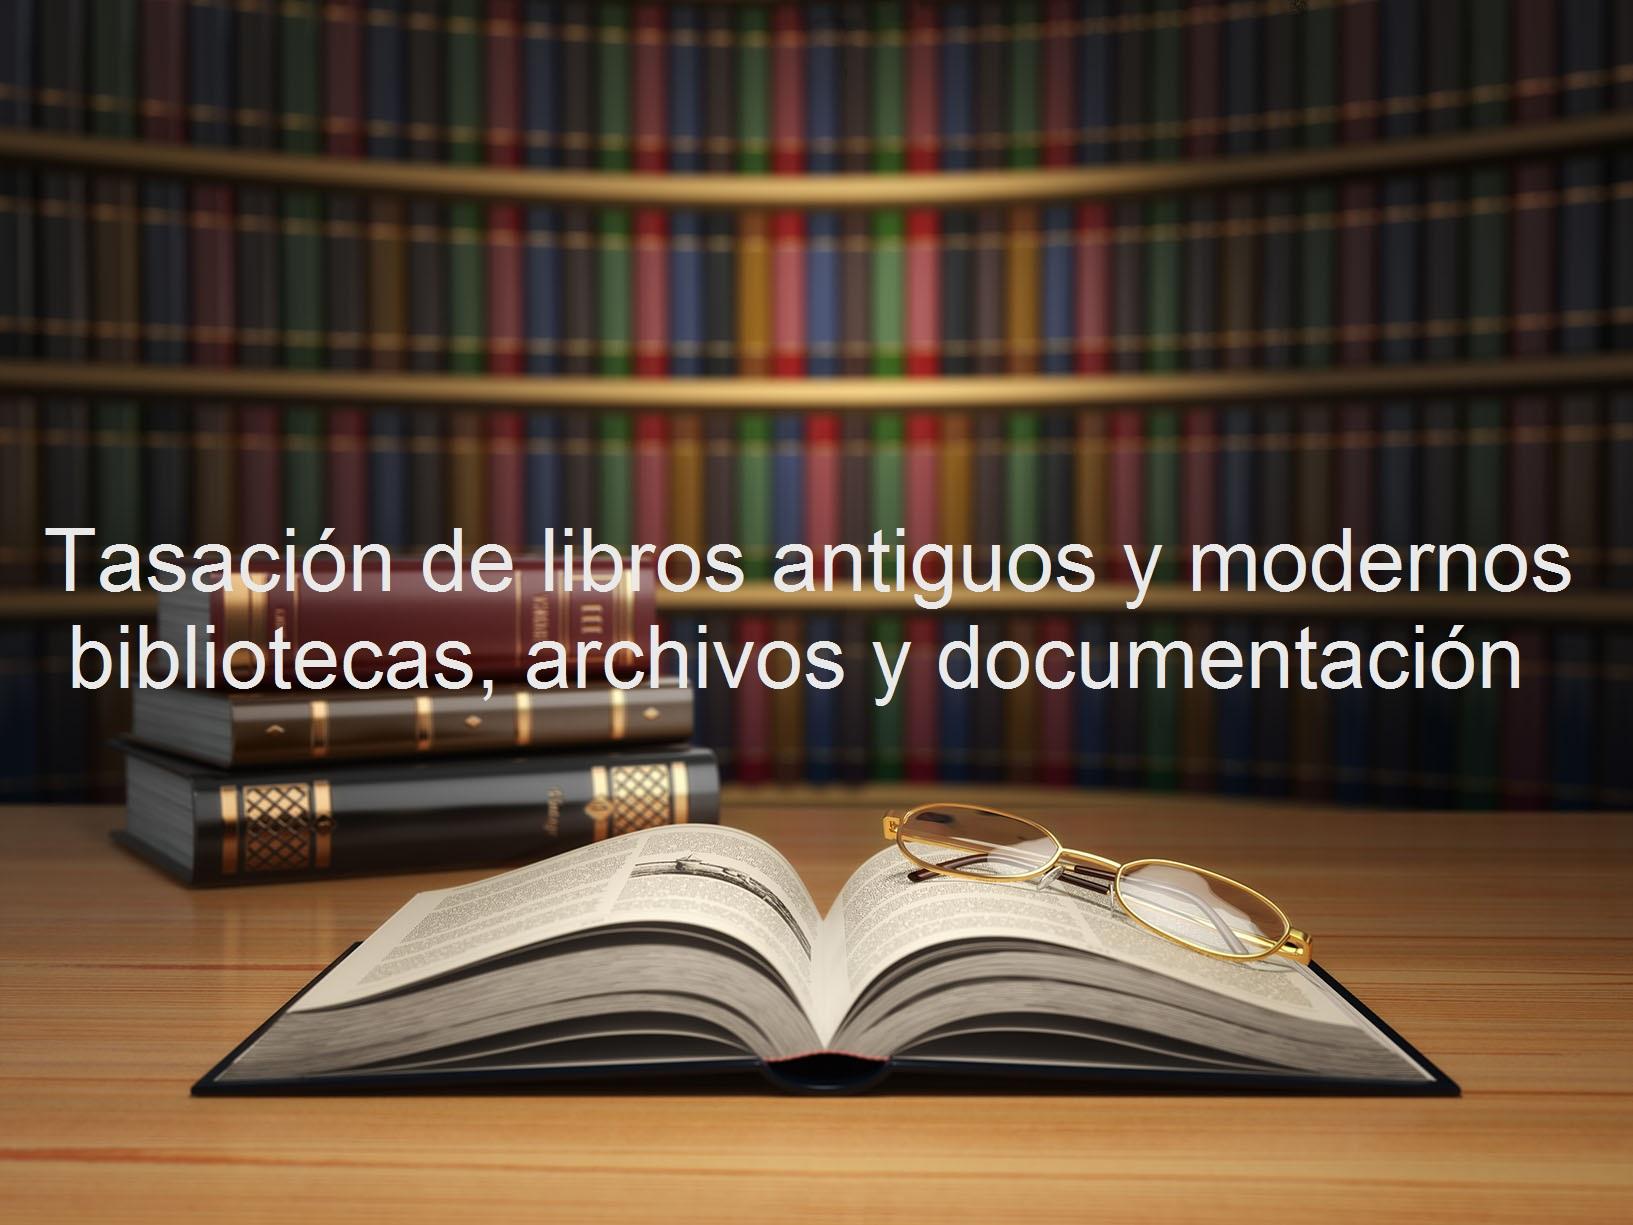 Sobre Tasacion De Libros Antiguos Y Modernos Cursos Y Servicios De